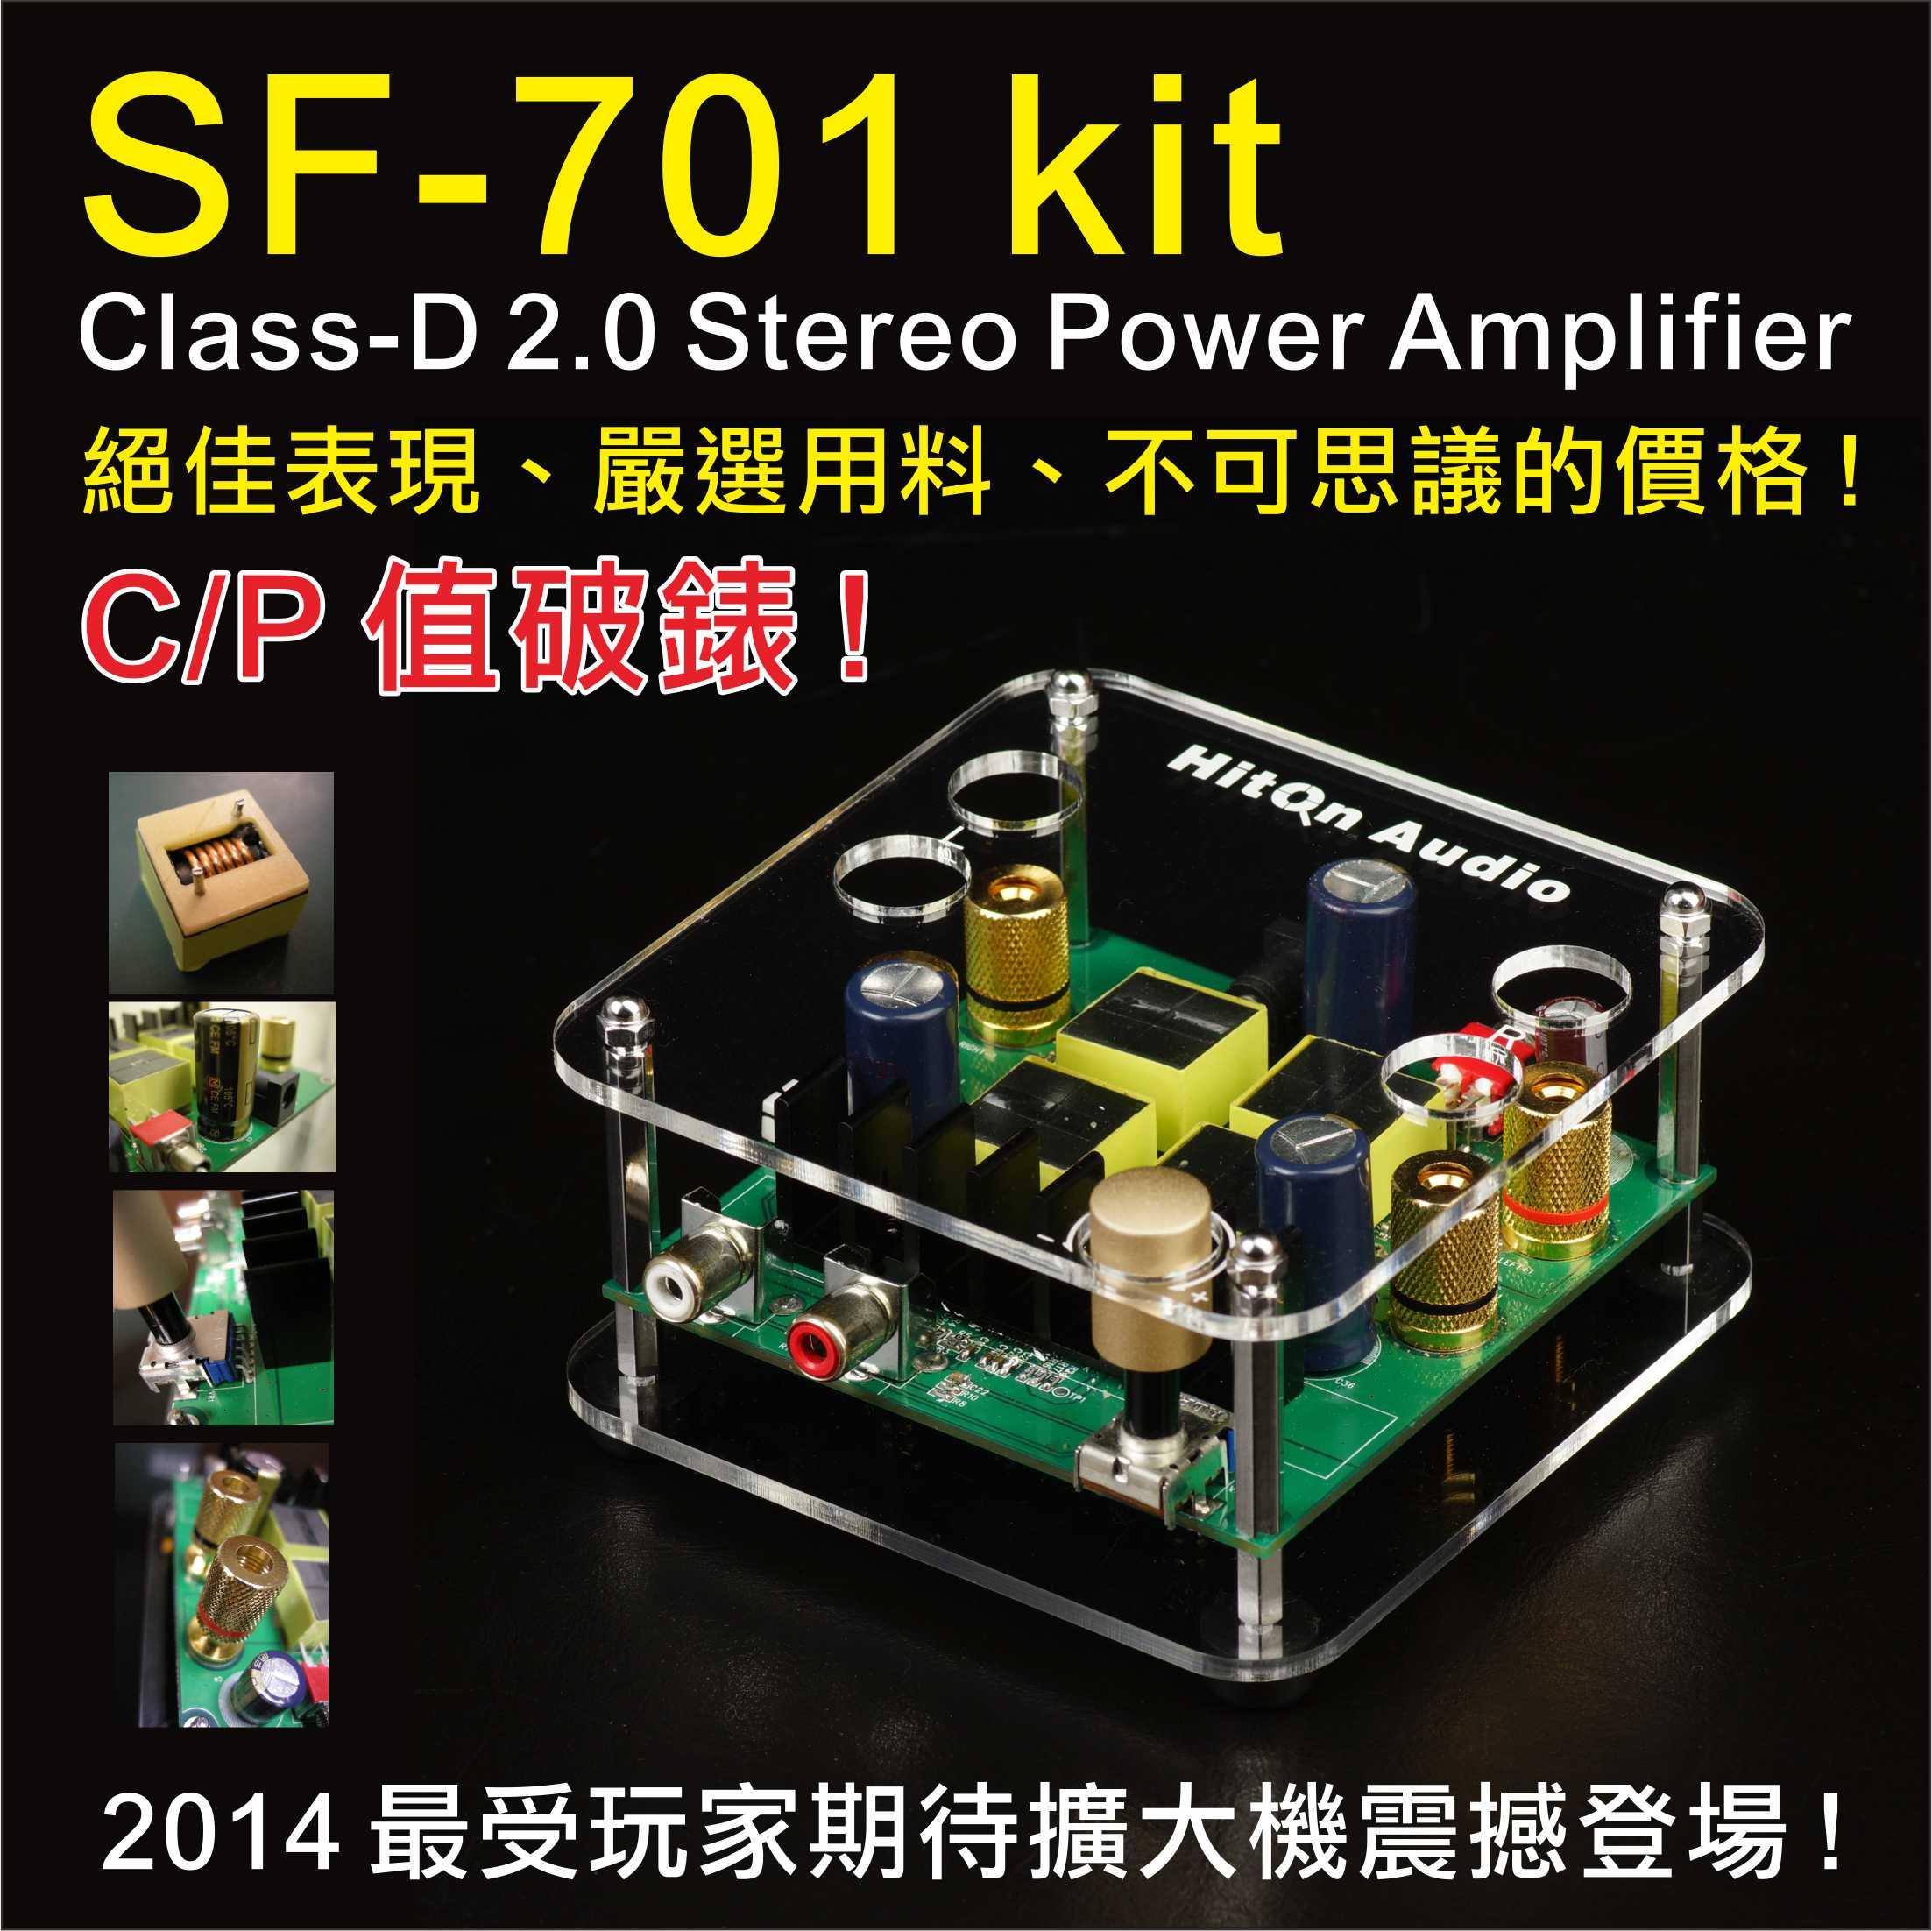 <br/><br/>  SF-701 kit 擴大機<br/><br/>